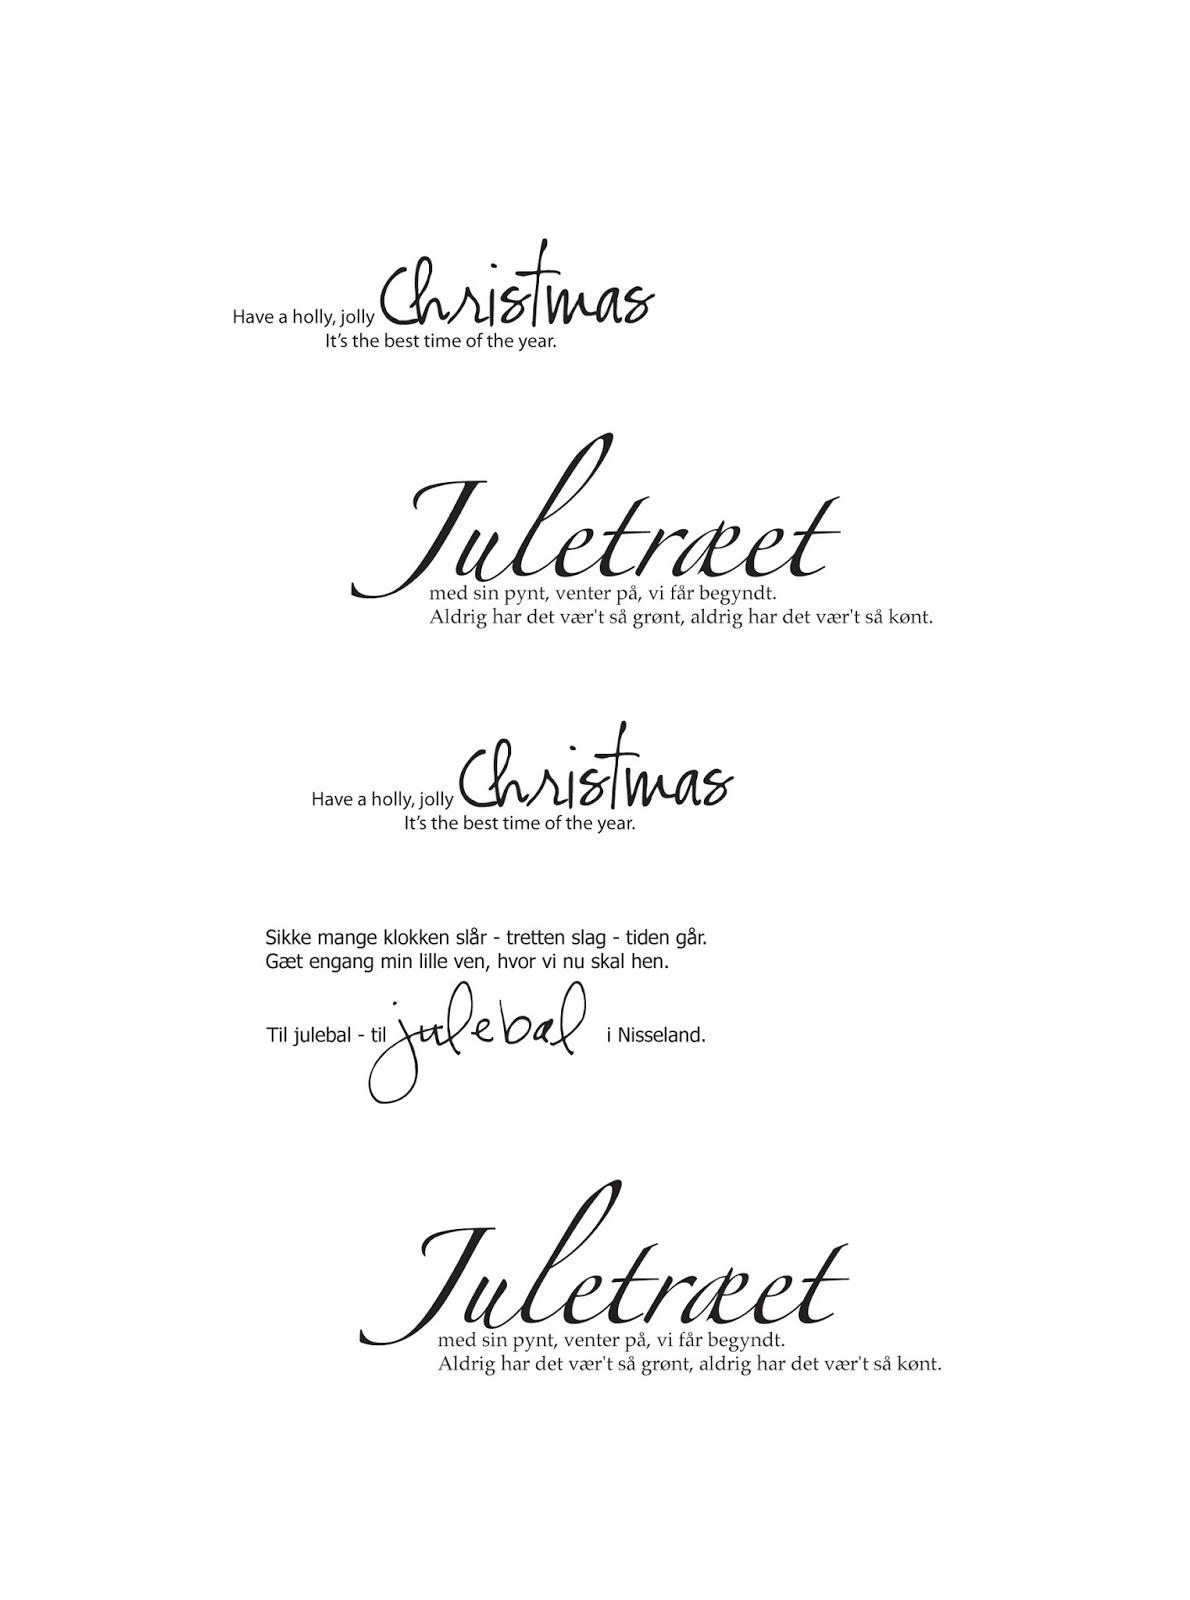 juletræet med sin pynt tekst